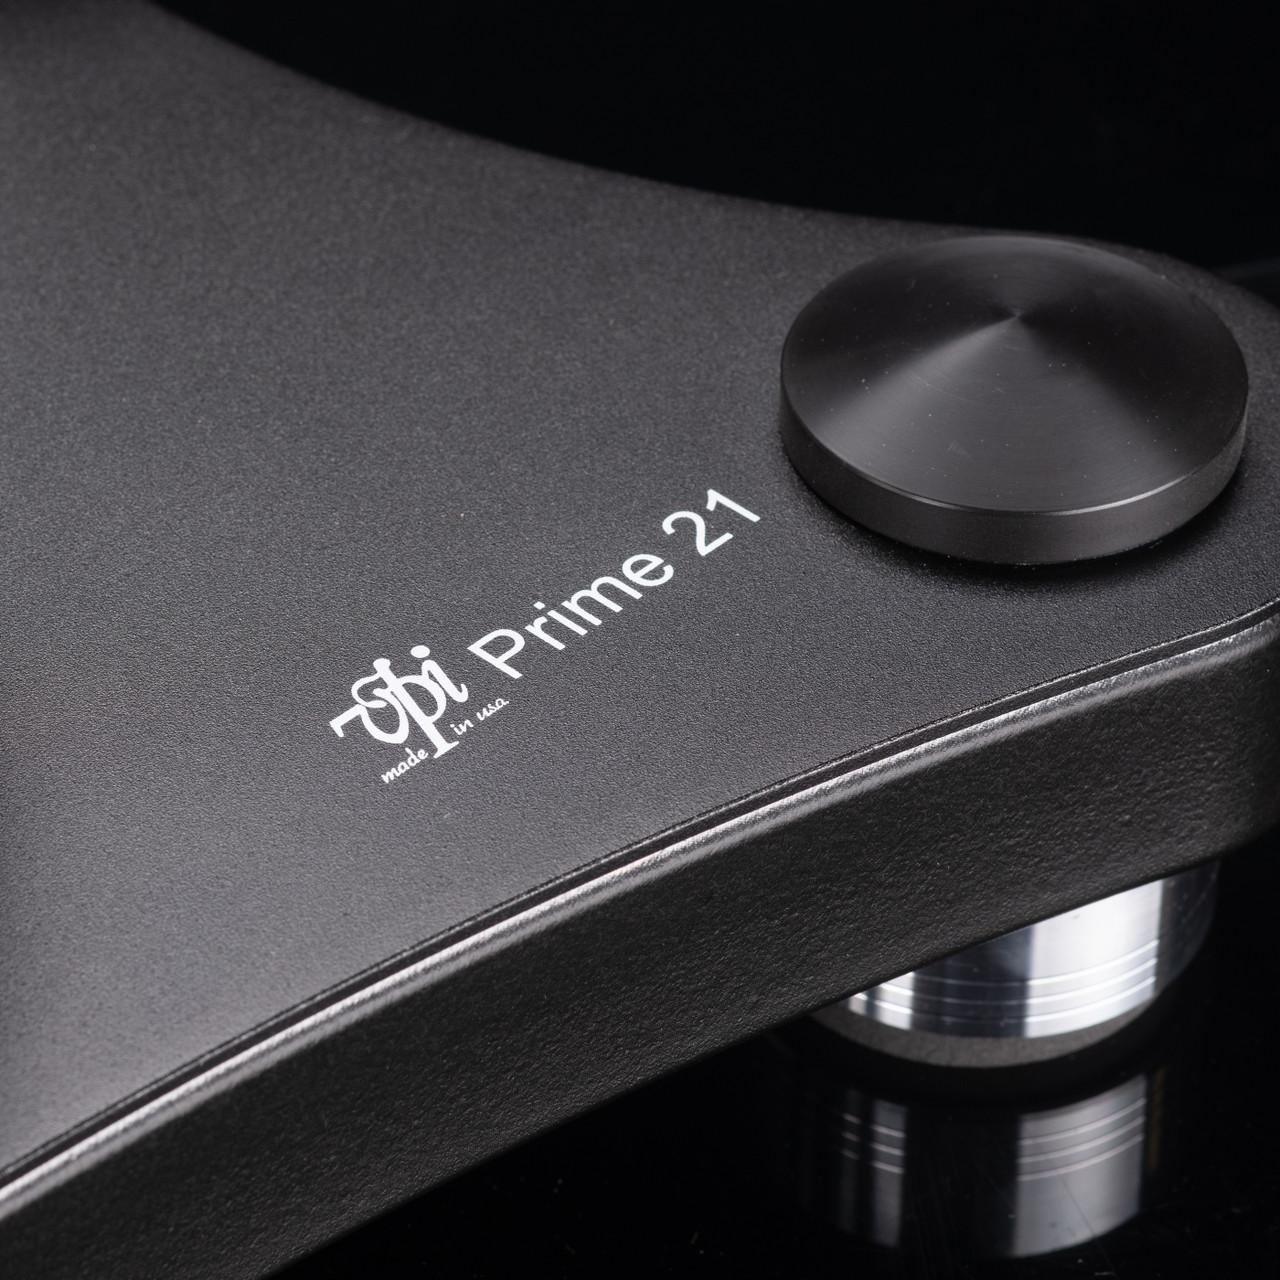 VPI Prime 21 turntable